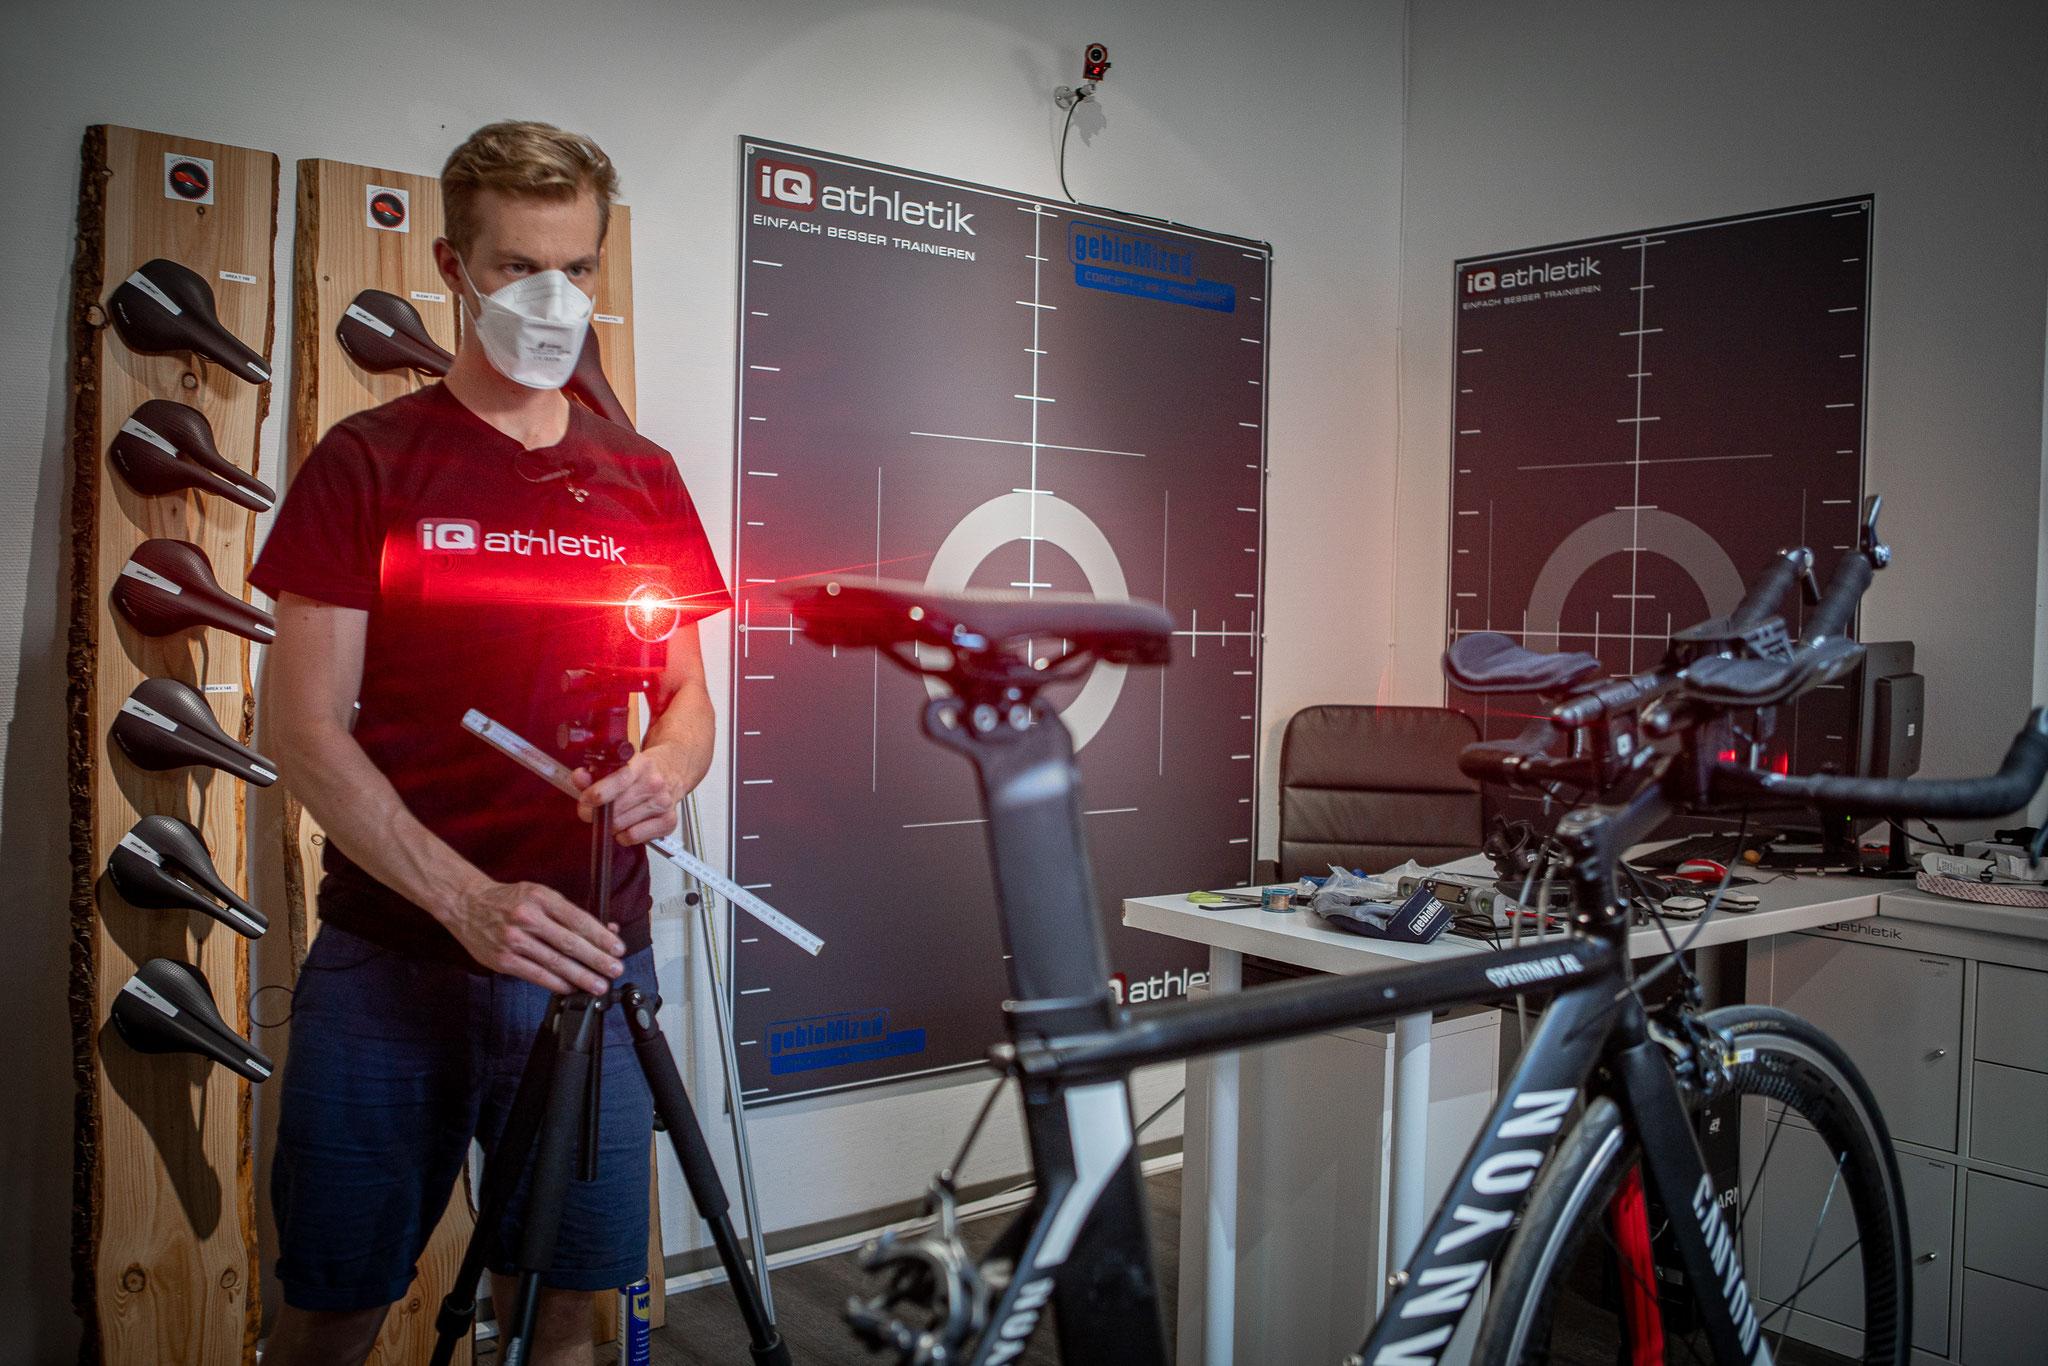 Lasergestützte Vermessung des Fahrrades beim Bikefitting (Foto: Nils Thies)